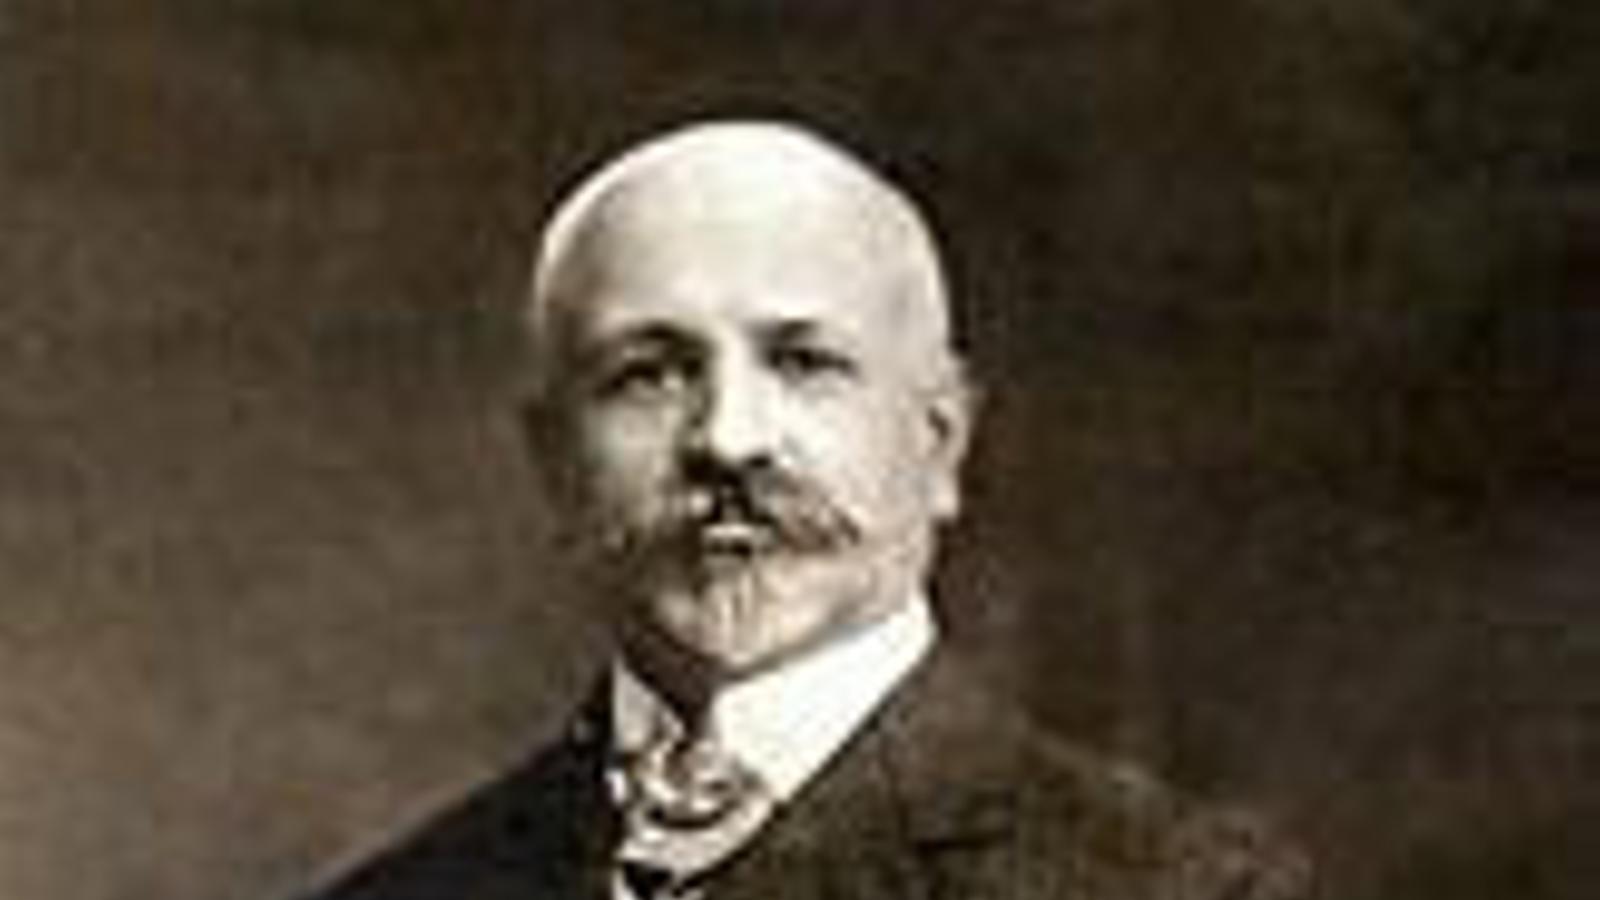 Caso Ferrer Guardia. Justicia militar (1911)